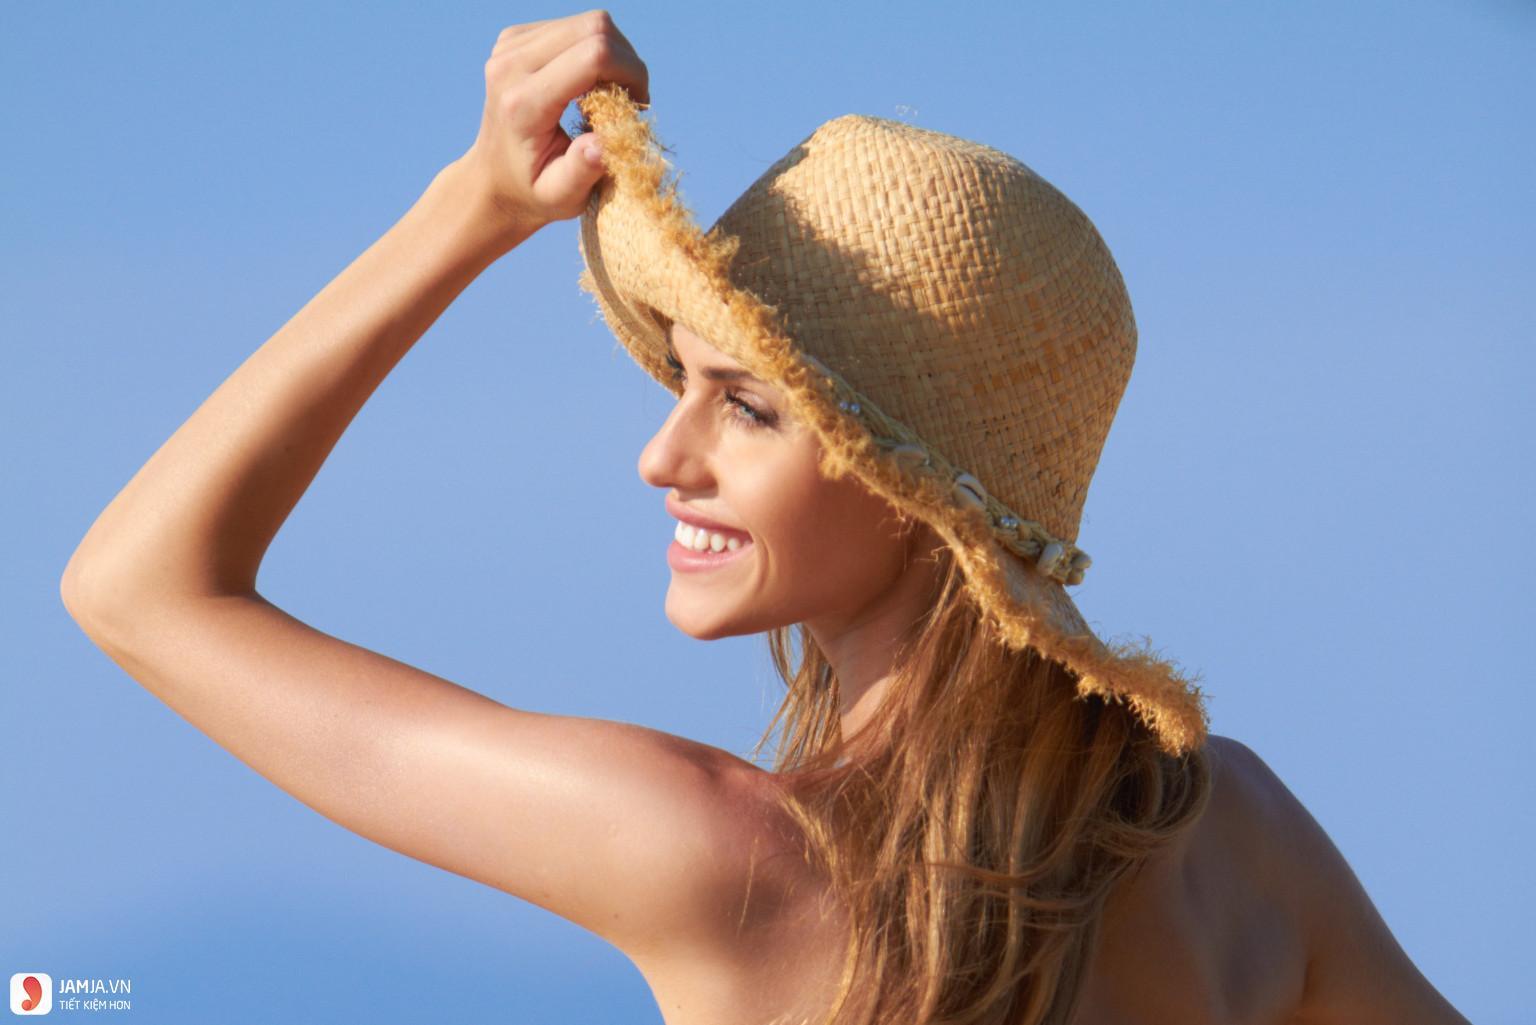 Dùng mặt nạ nghệ có ăn nắng không?